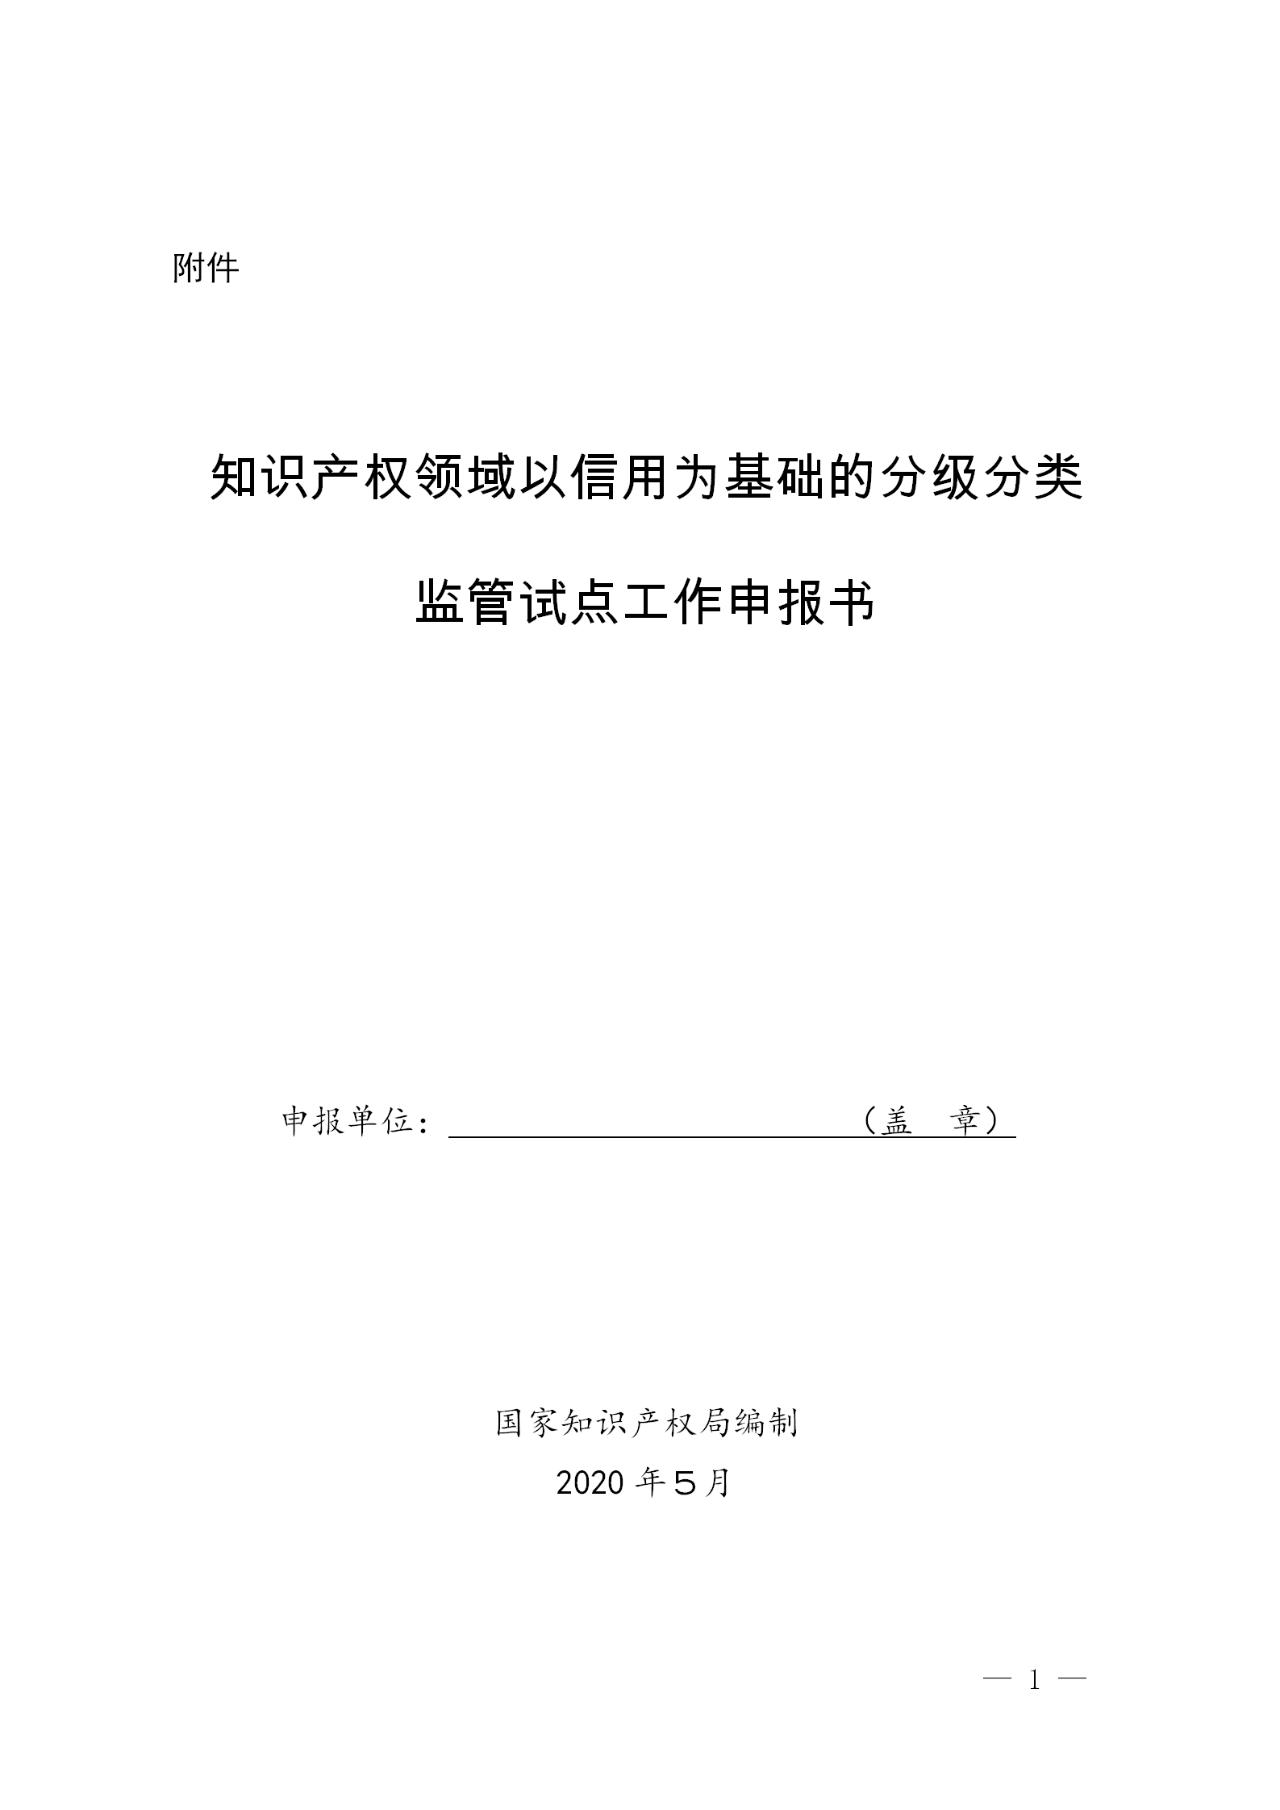 国知局:开展知识产权领域以信用为基础的分级分类监管(通知)